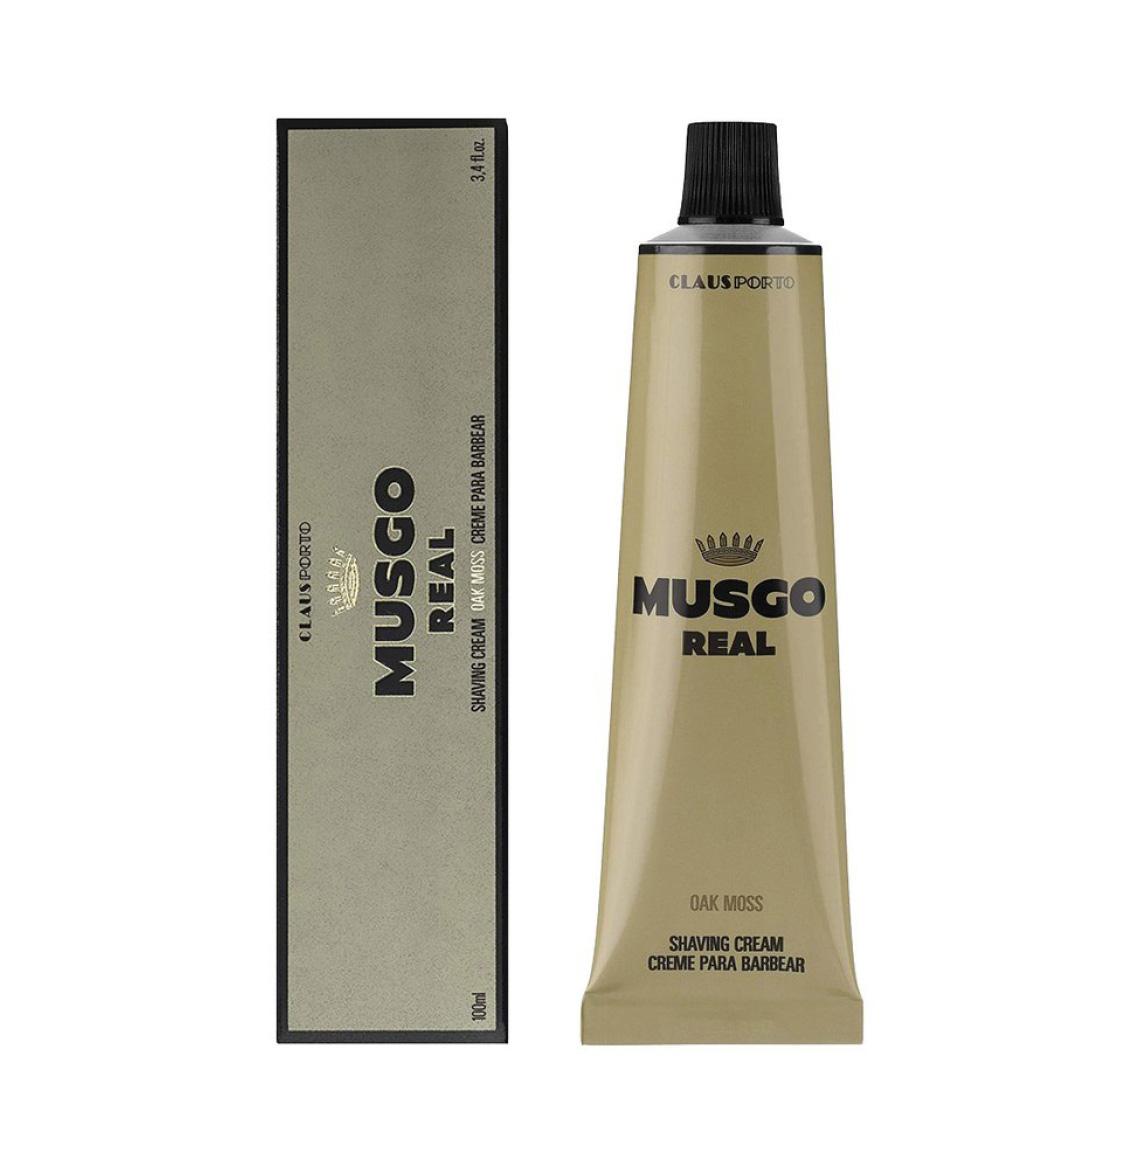 Claus Porto Musgo Real Oak Moss Shaving Cream 100ml